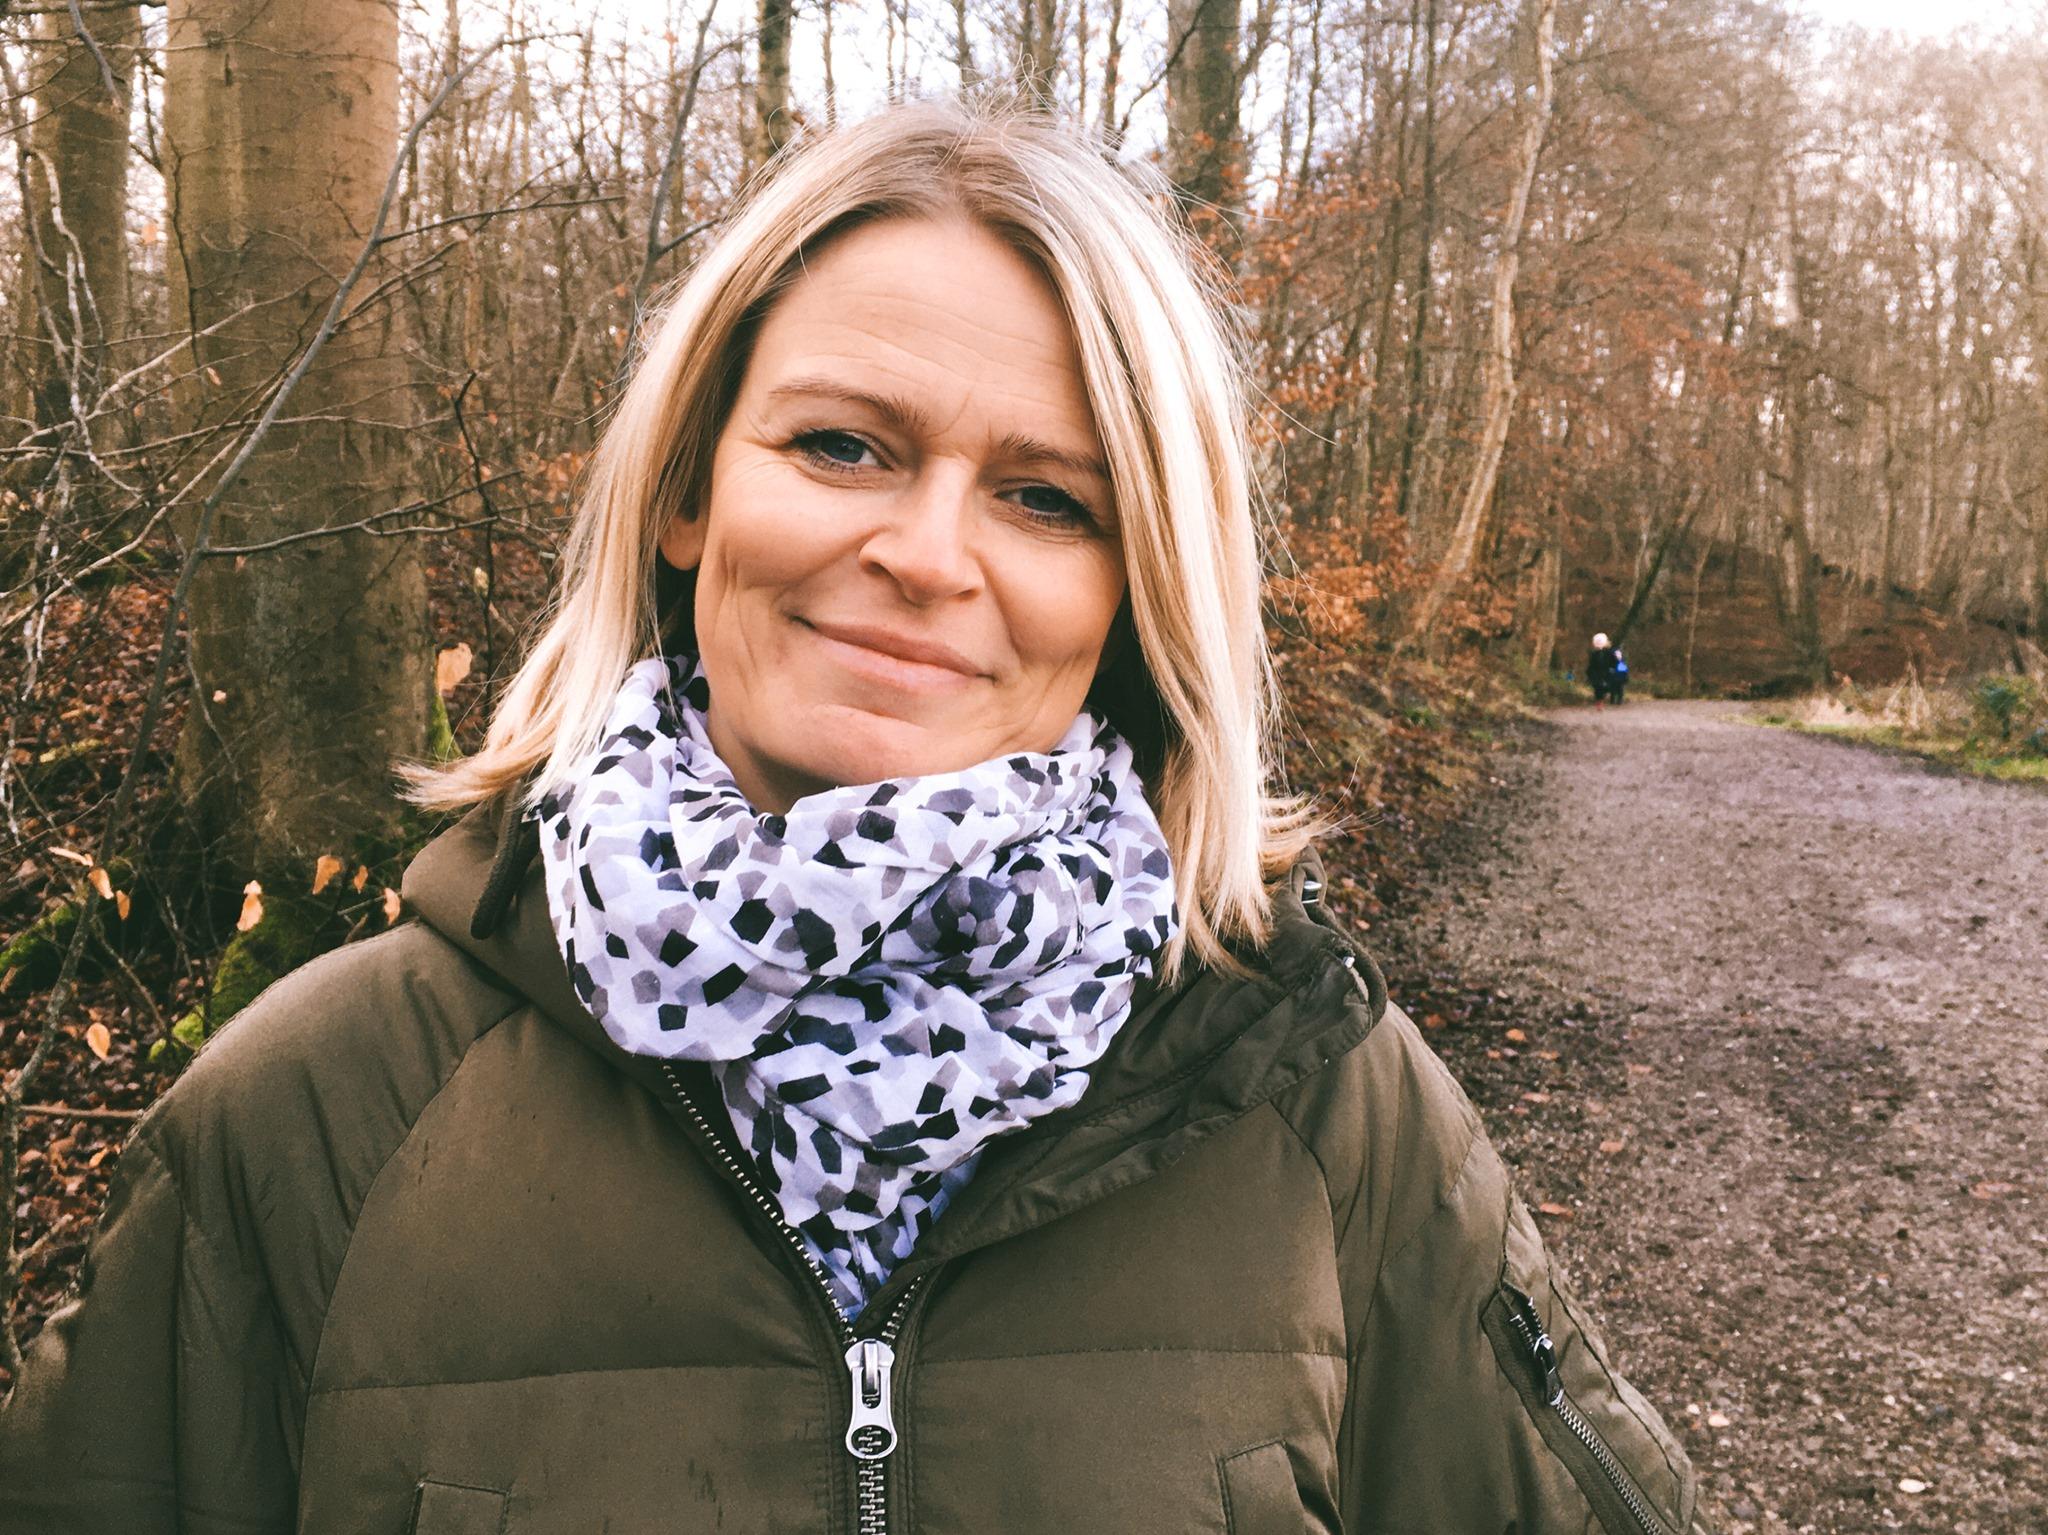 Lotte Kahl